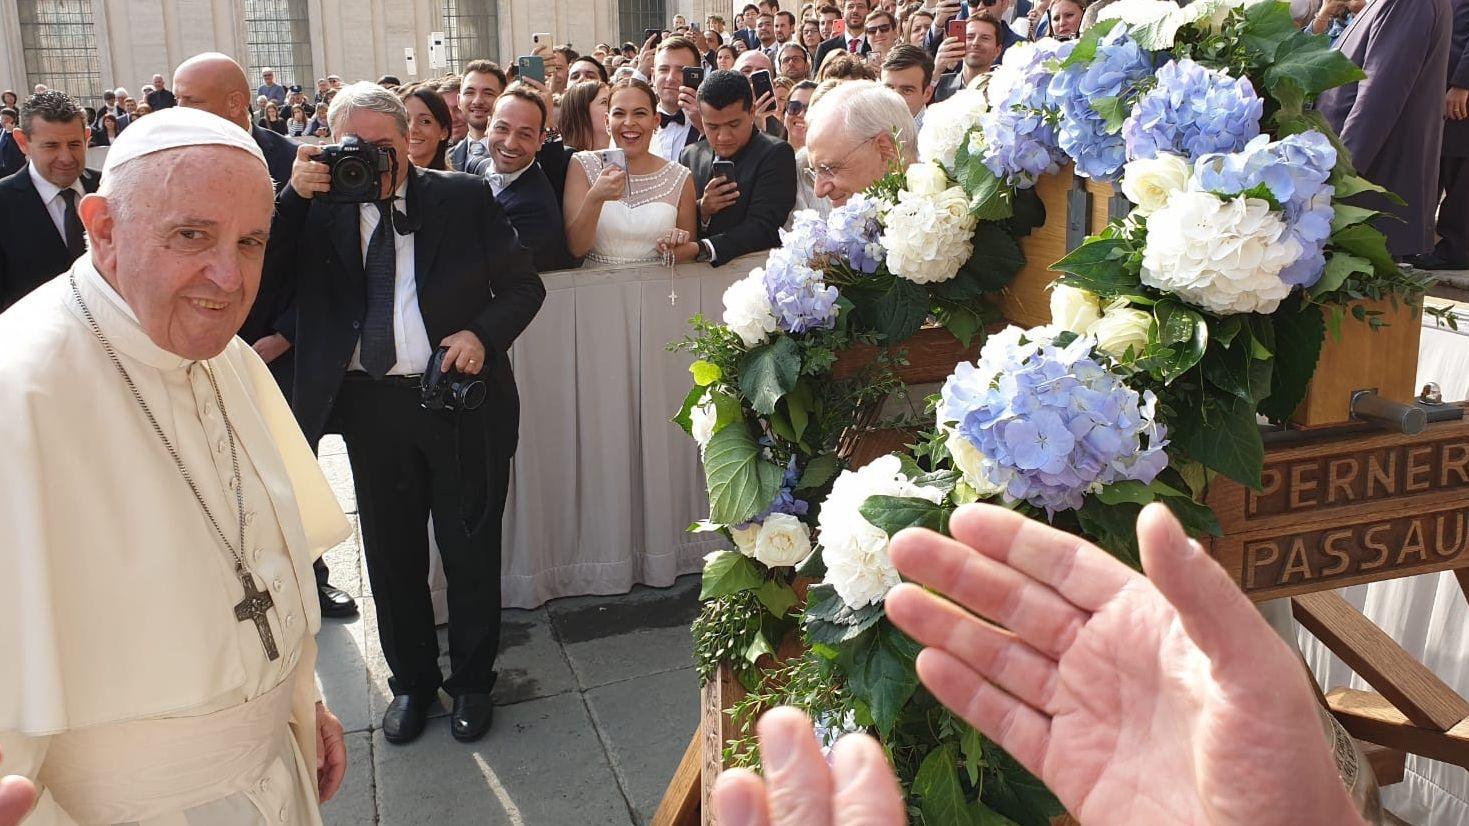 Die Glocke der Gießerei Perner aus Passau wurde an Papst Franziskus überreicht und von ihm geweiht.